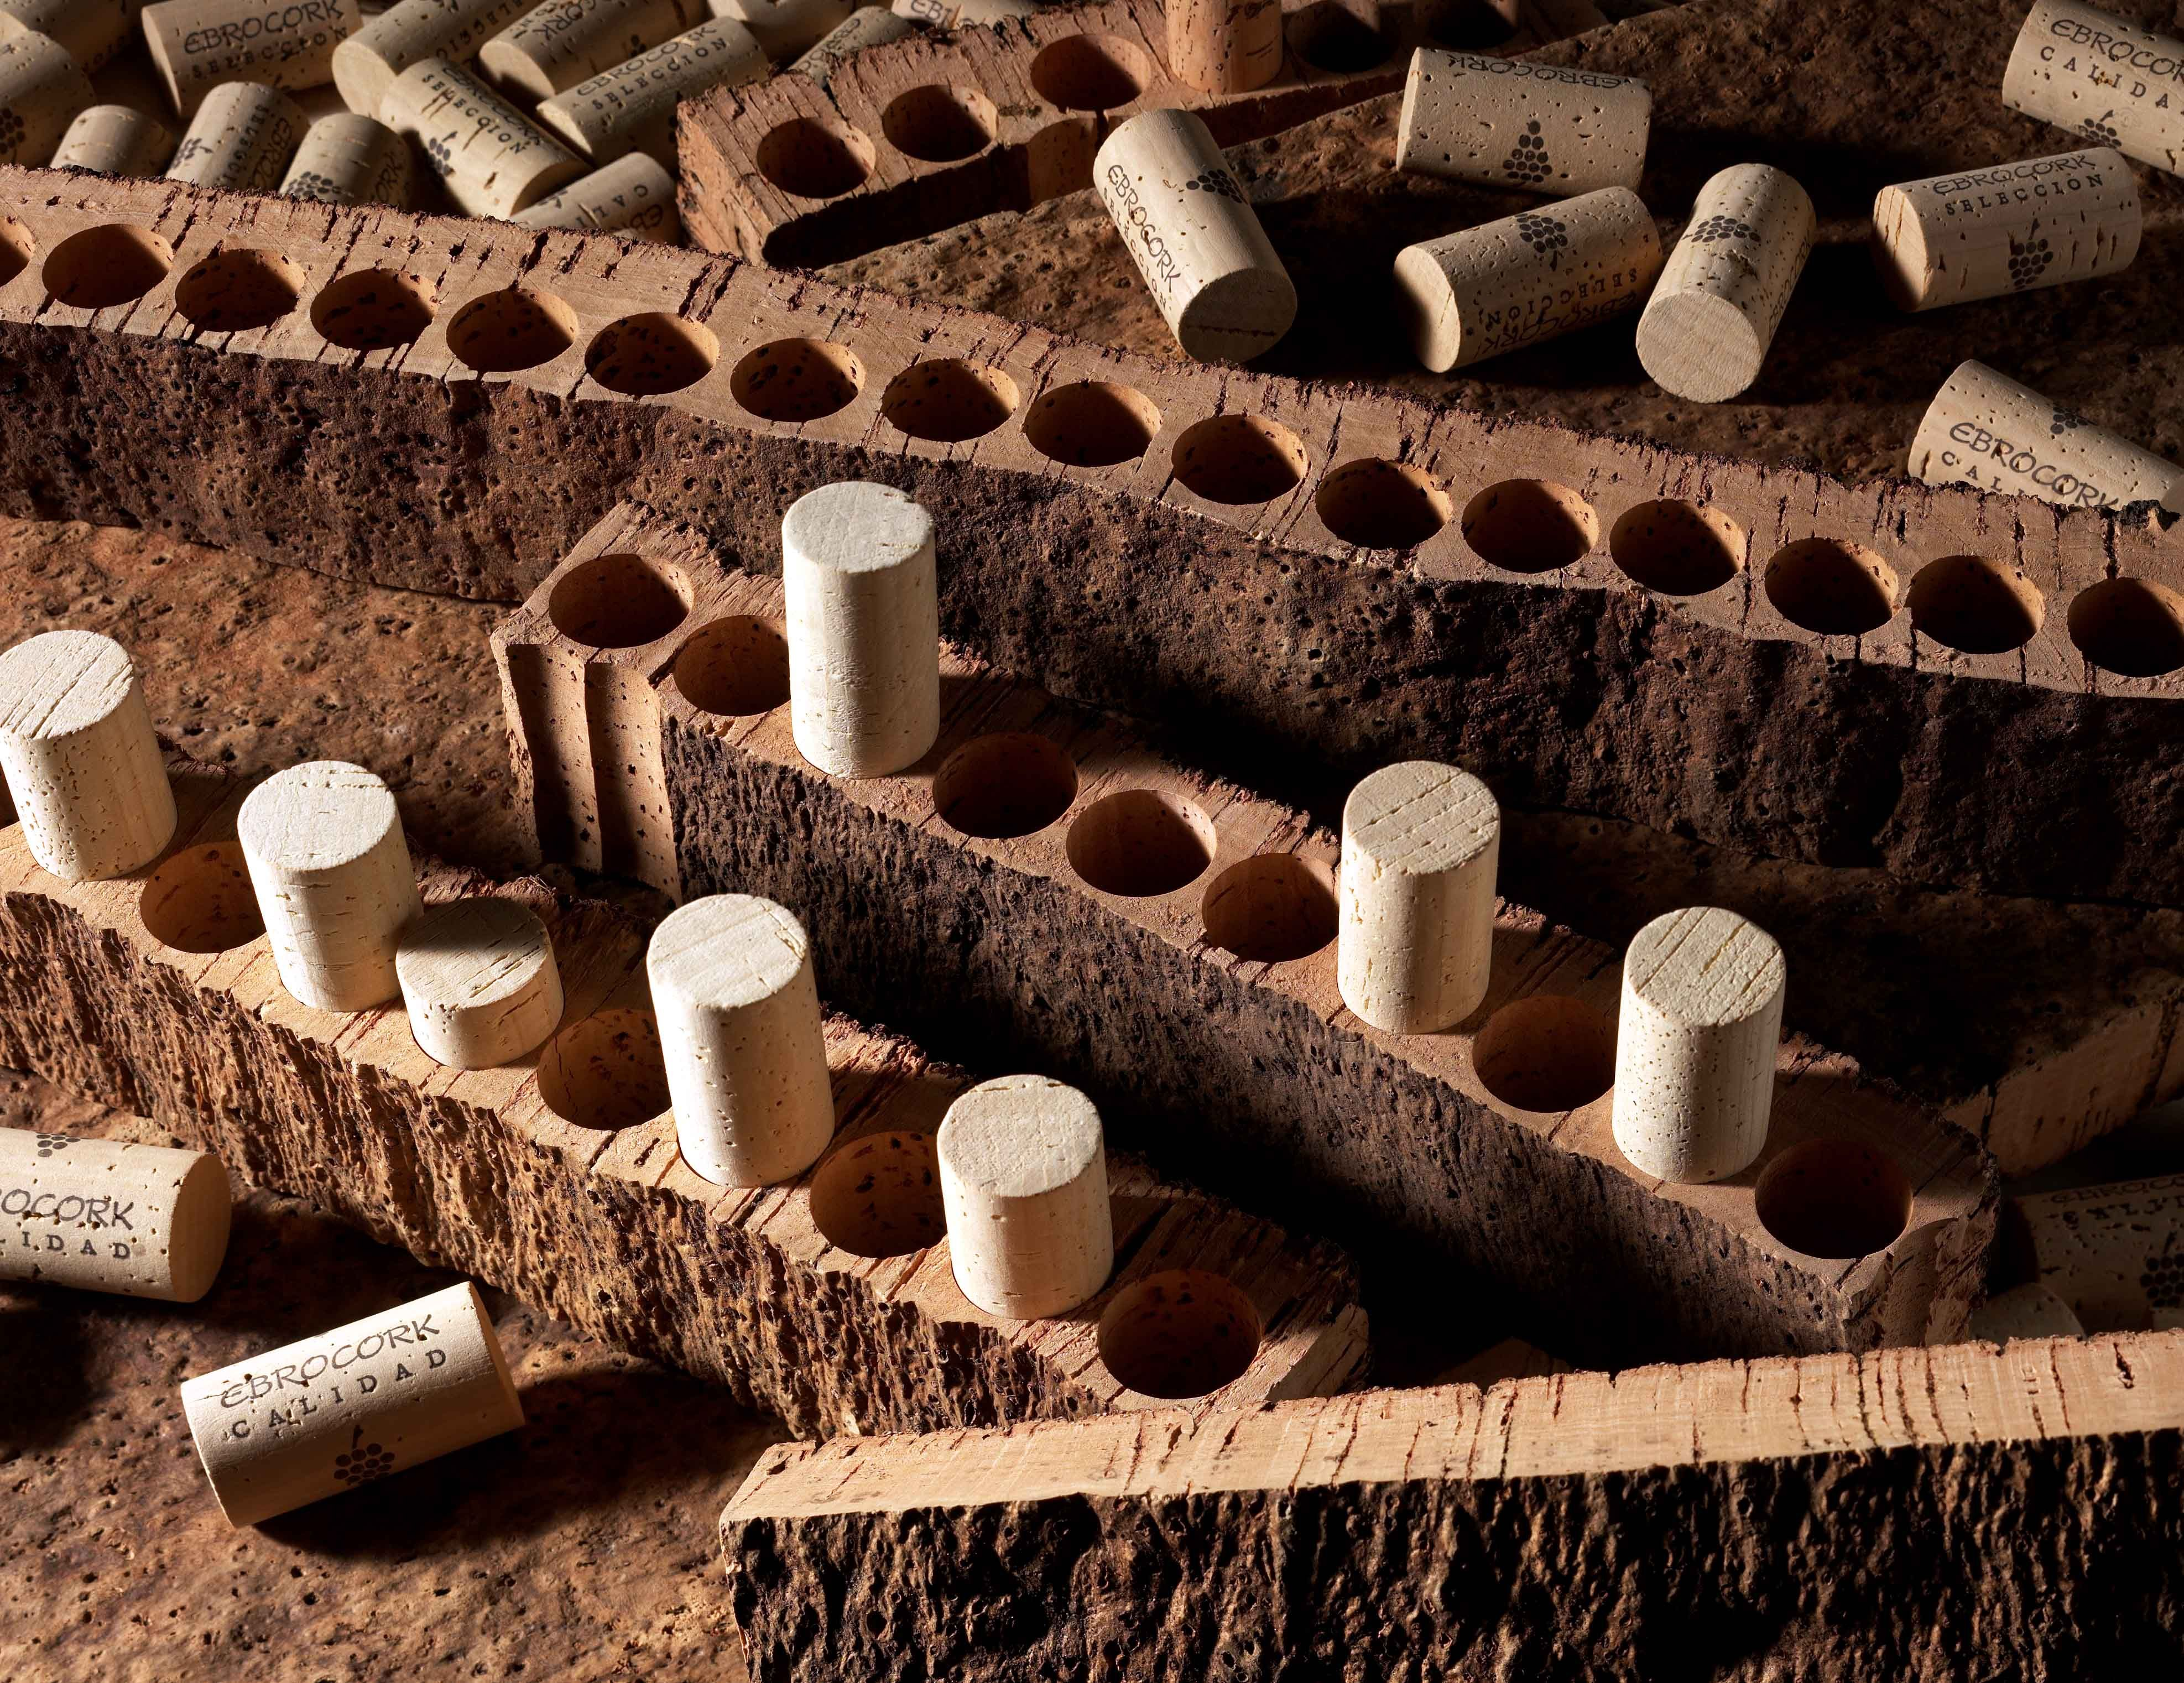 El arte del tapón de corcho en Ebrocork